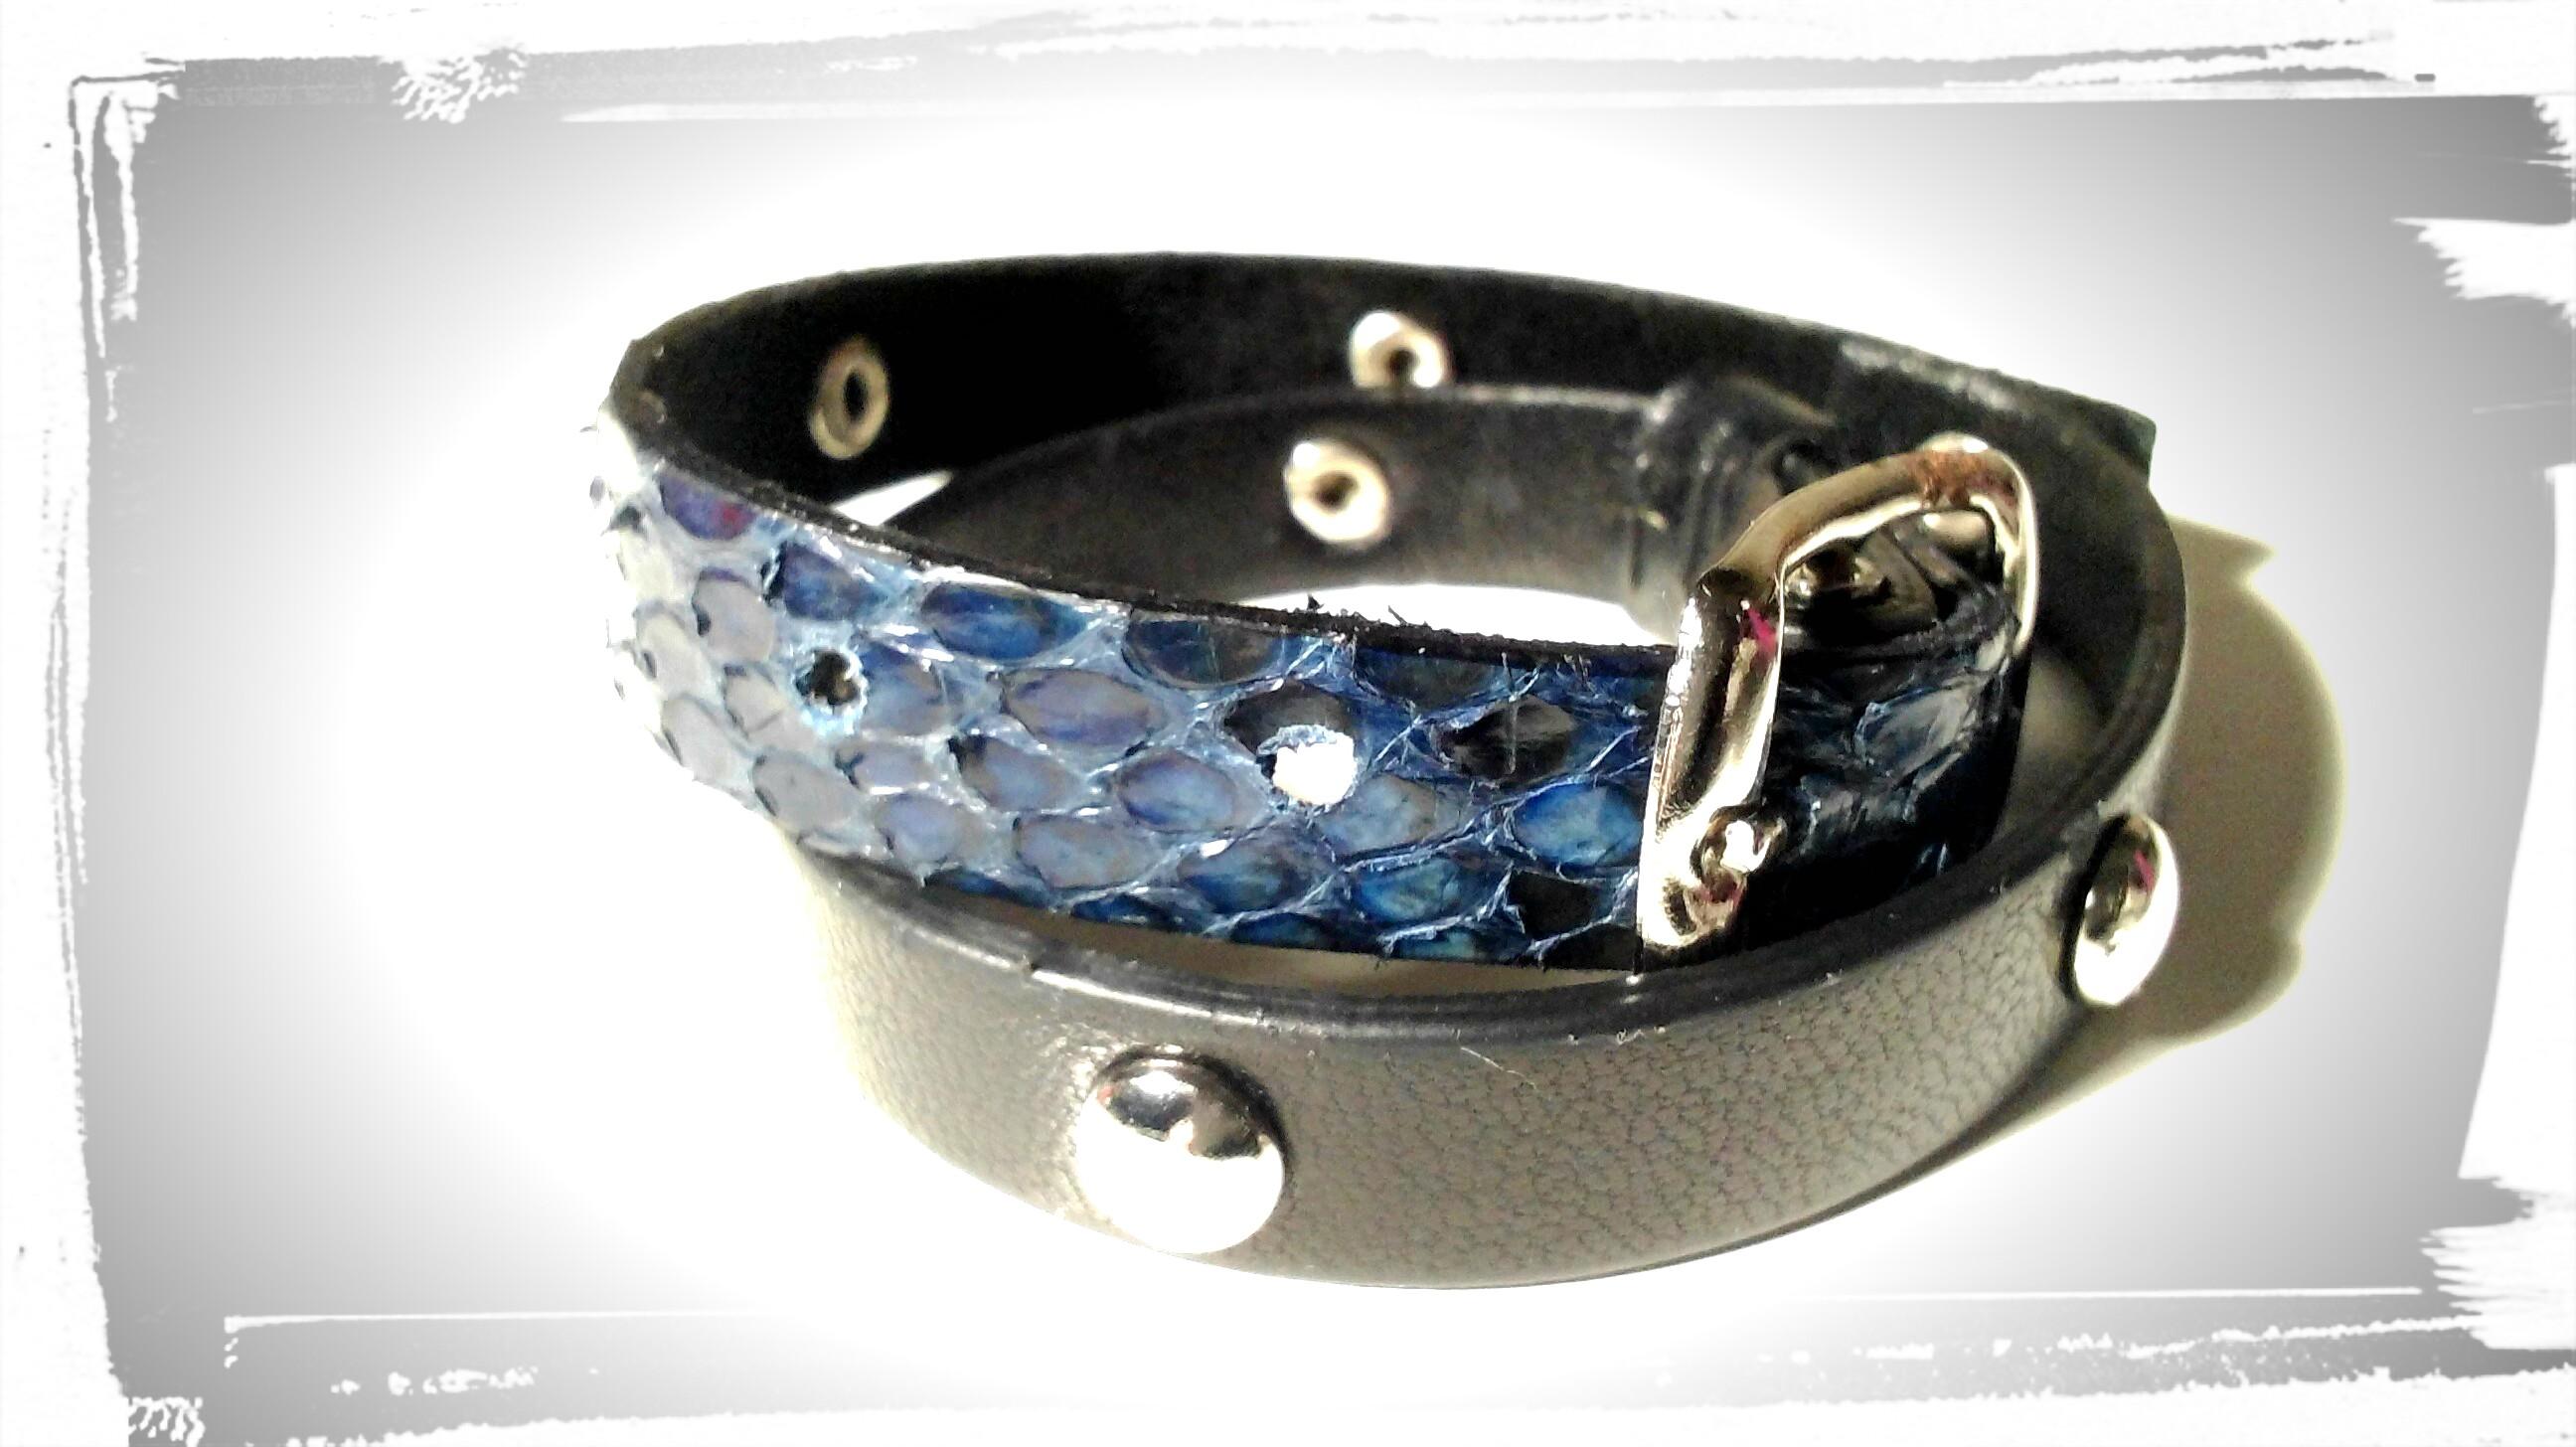 braccialetto doppio giro in pelle nera e pitone con borchie a semisfera, chiusur